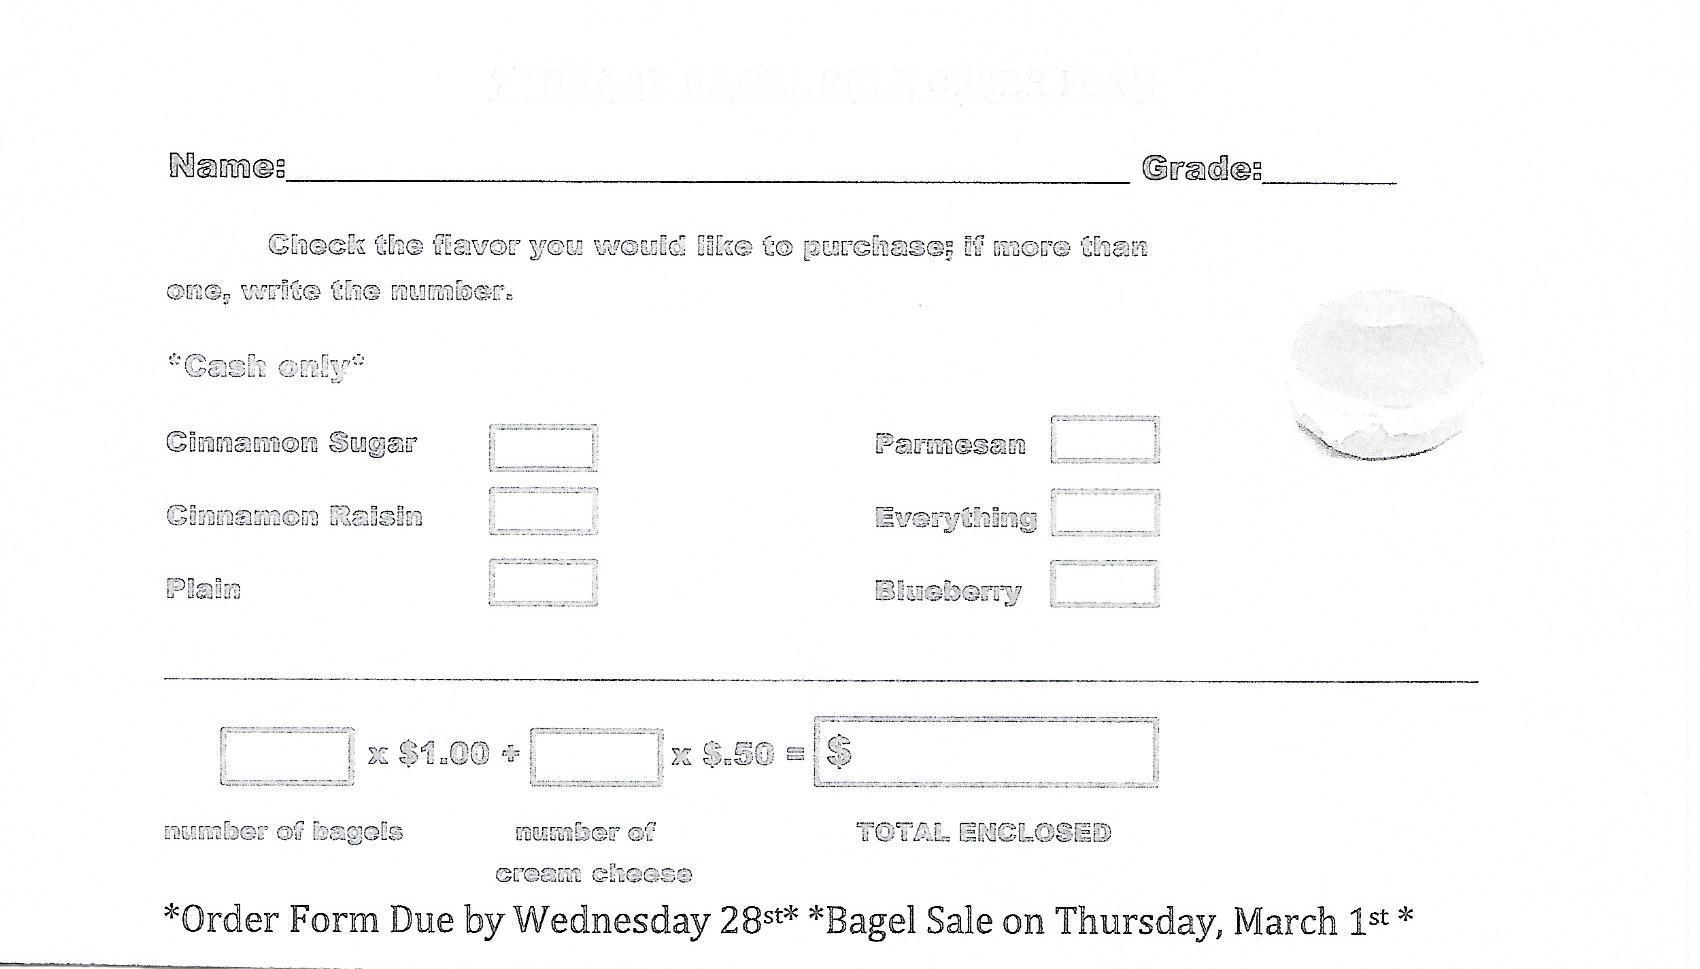 Bagel Order Form.jpg